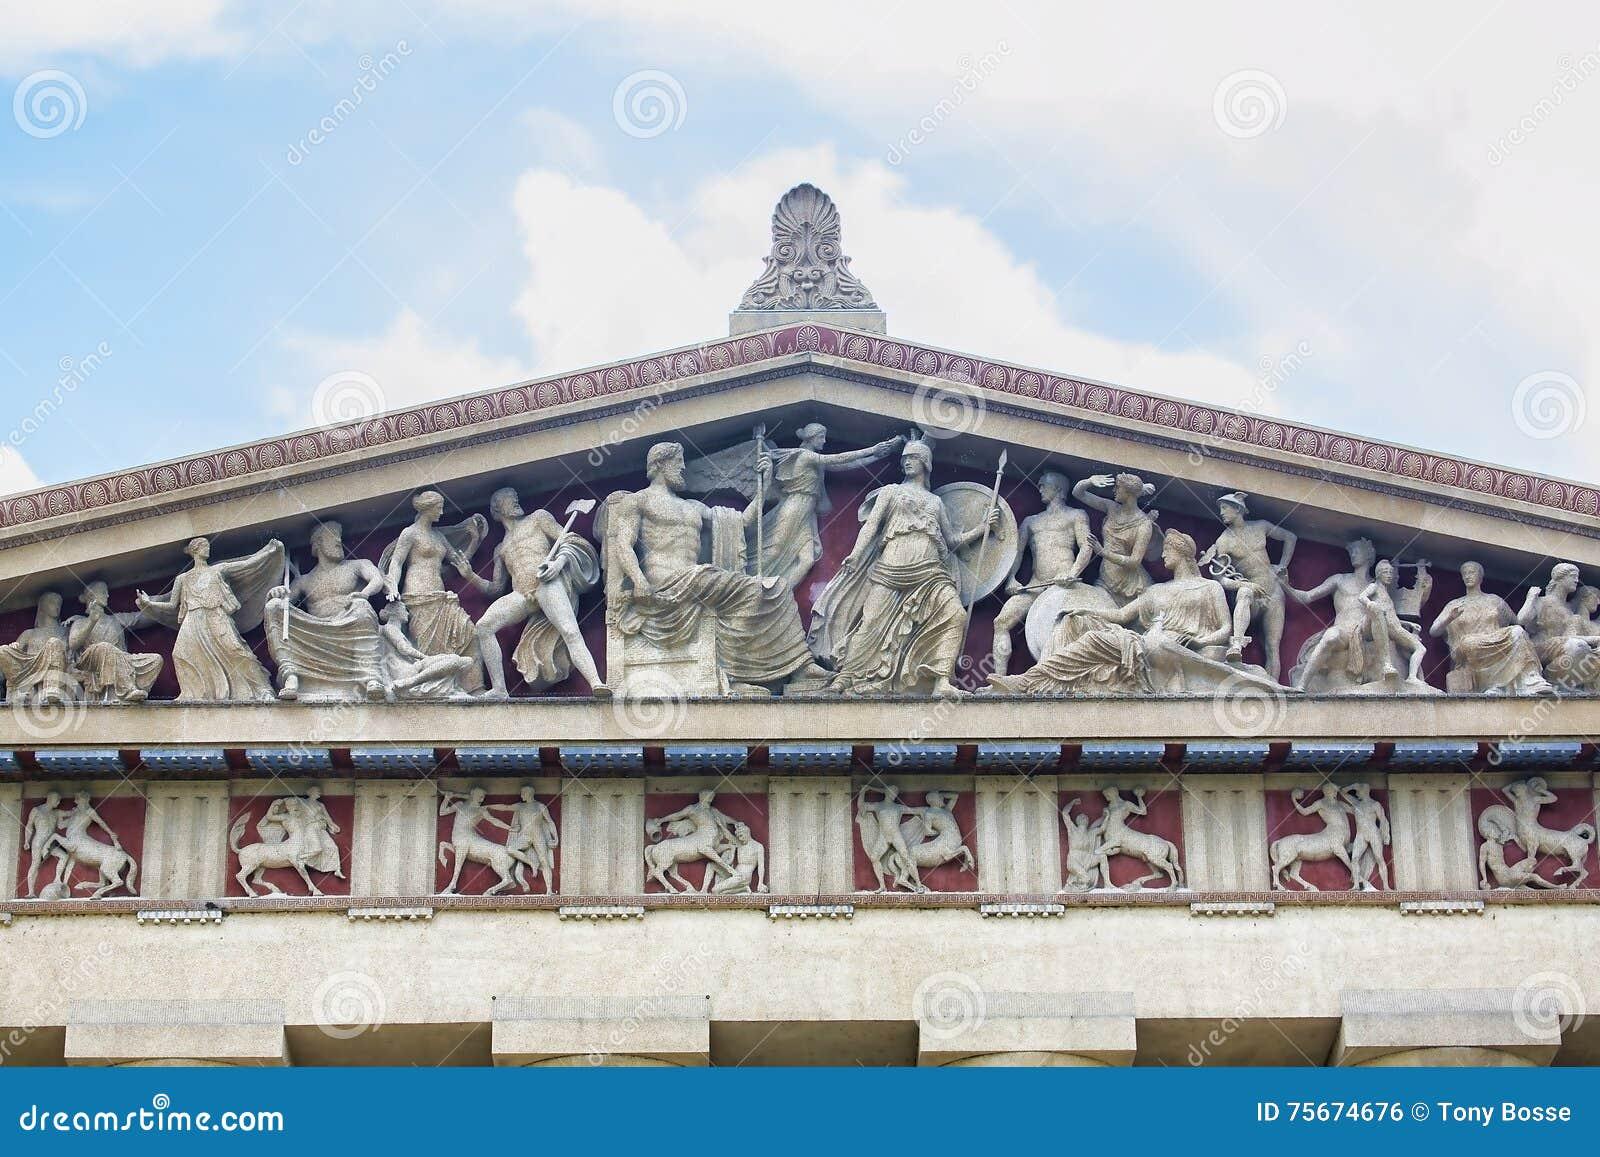 Detalhe da arquitetura da réplica do Partenon